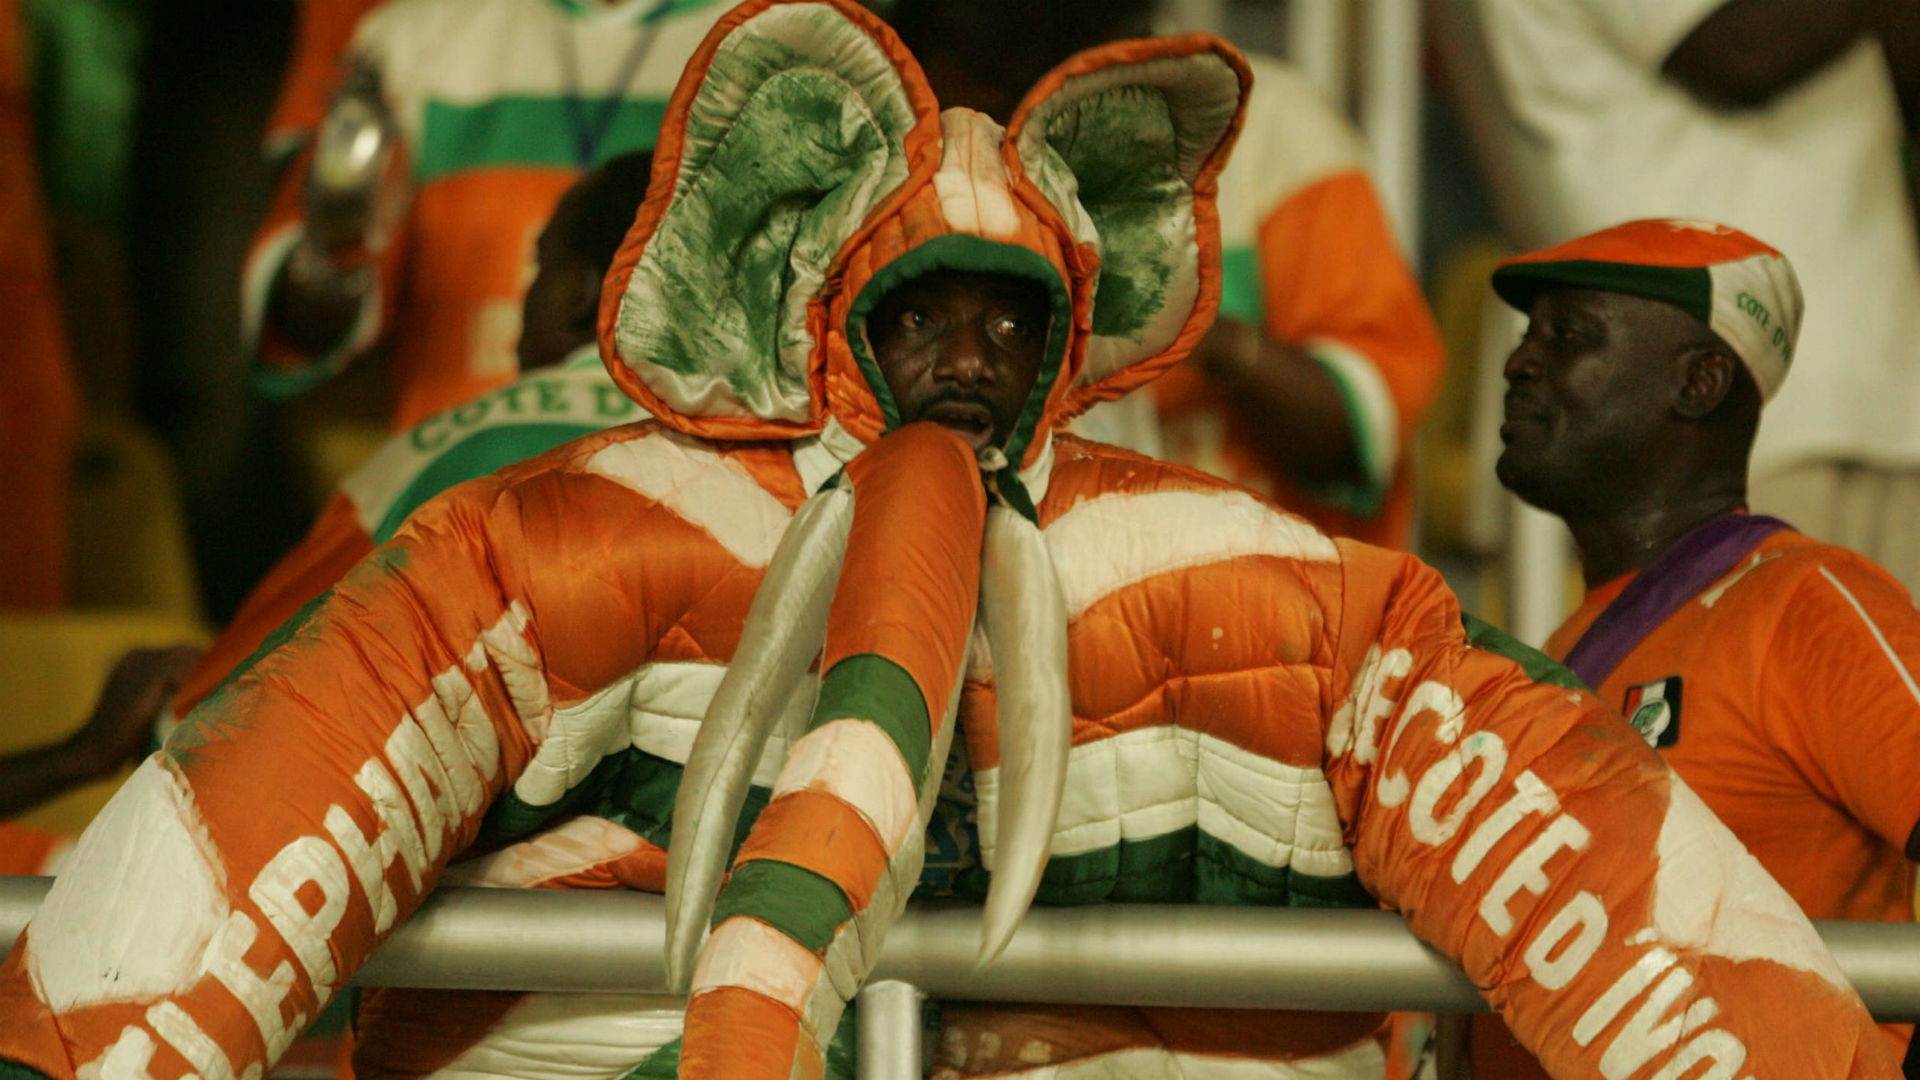 Ivory Coast fan 2008